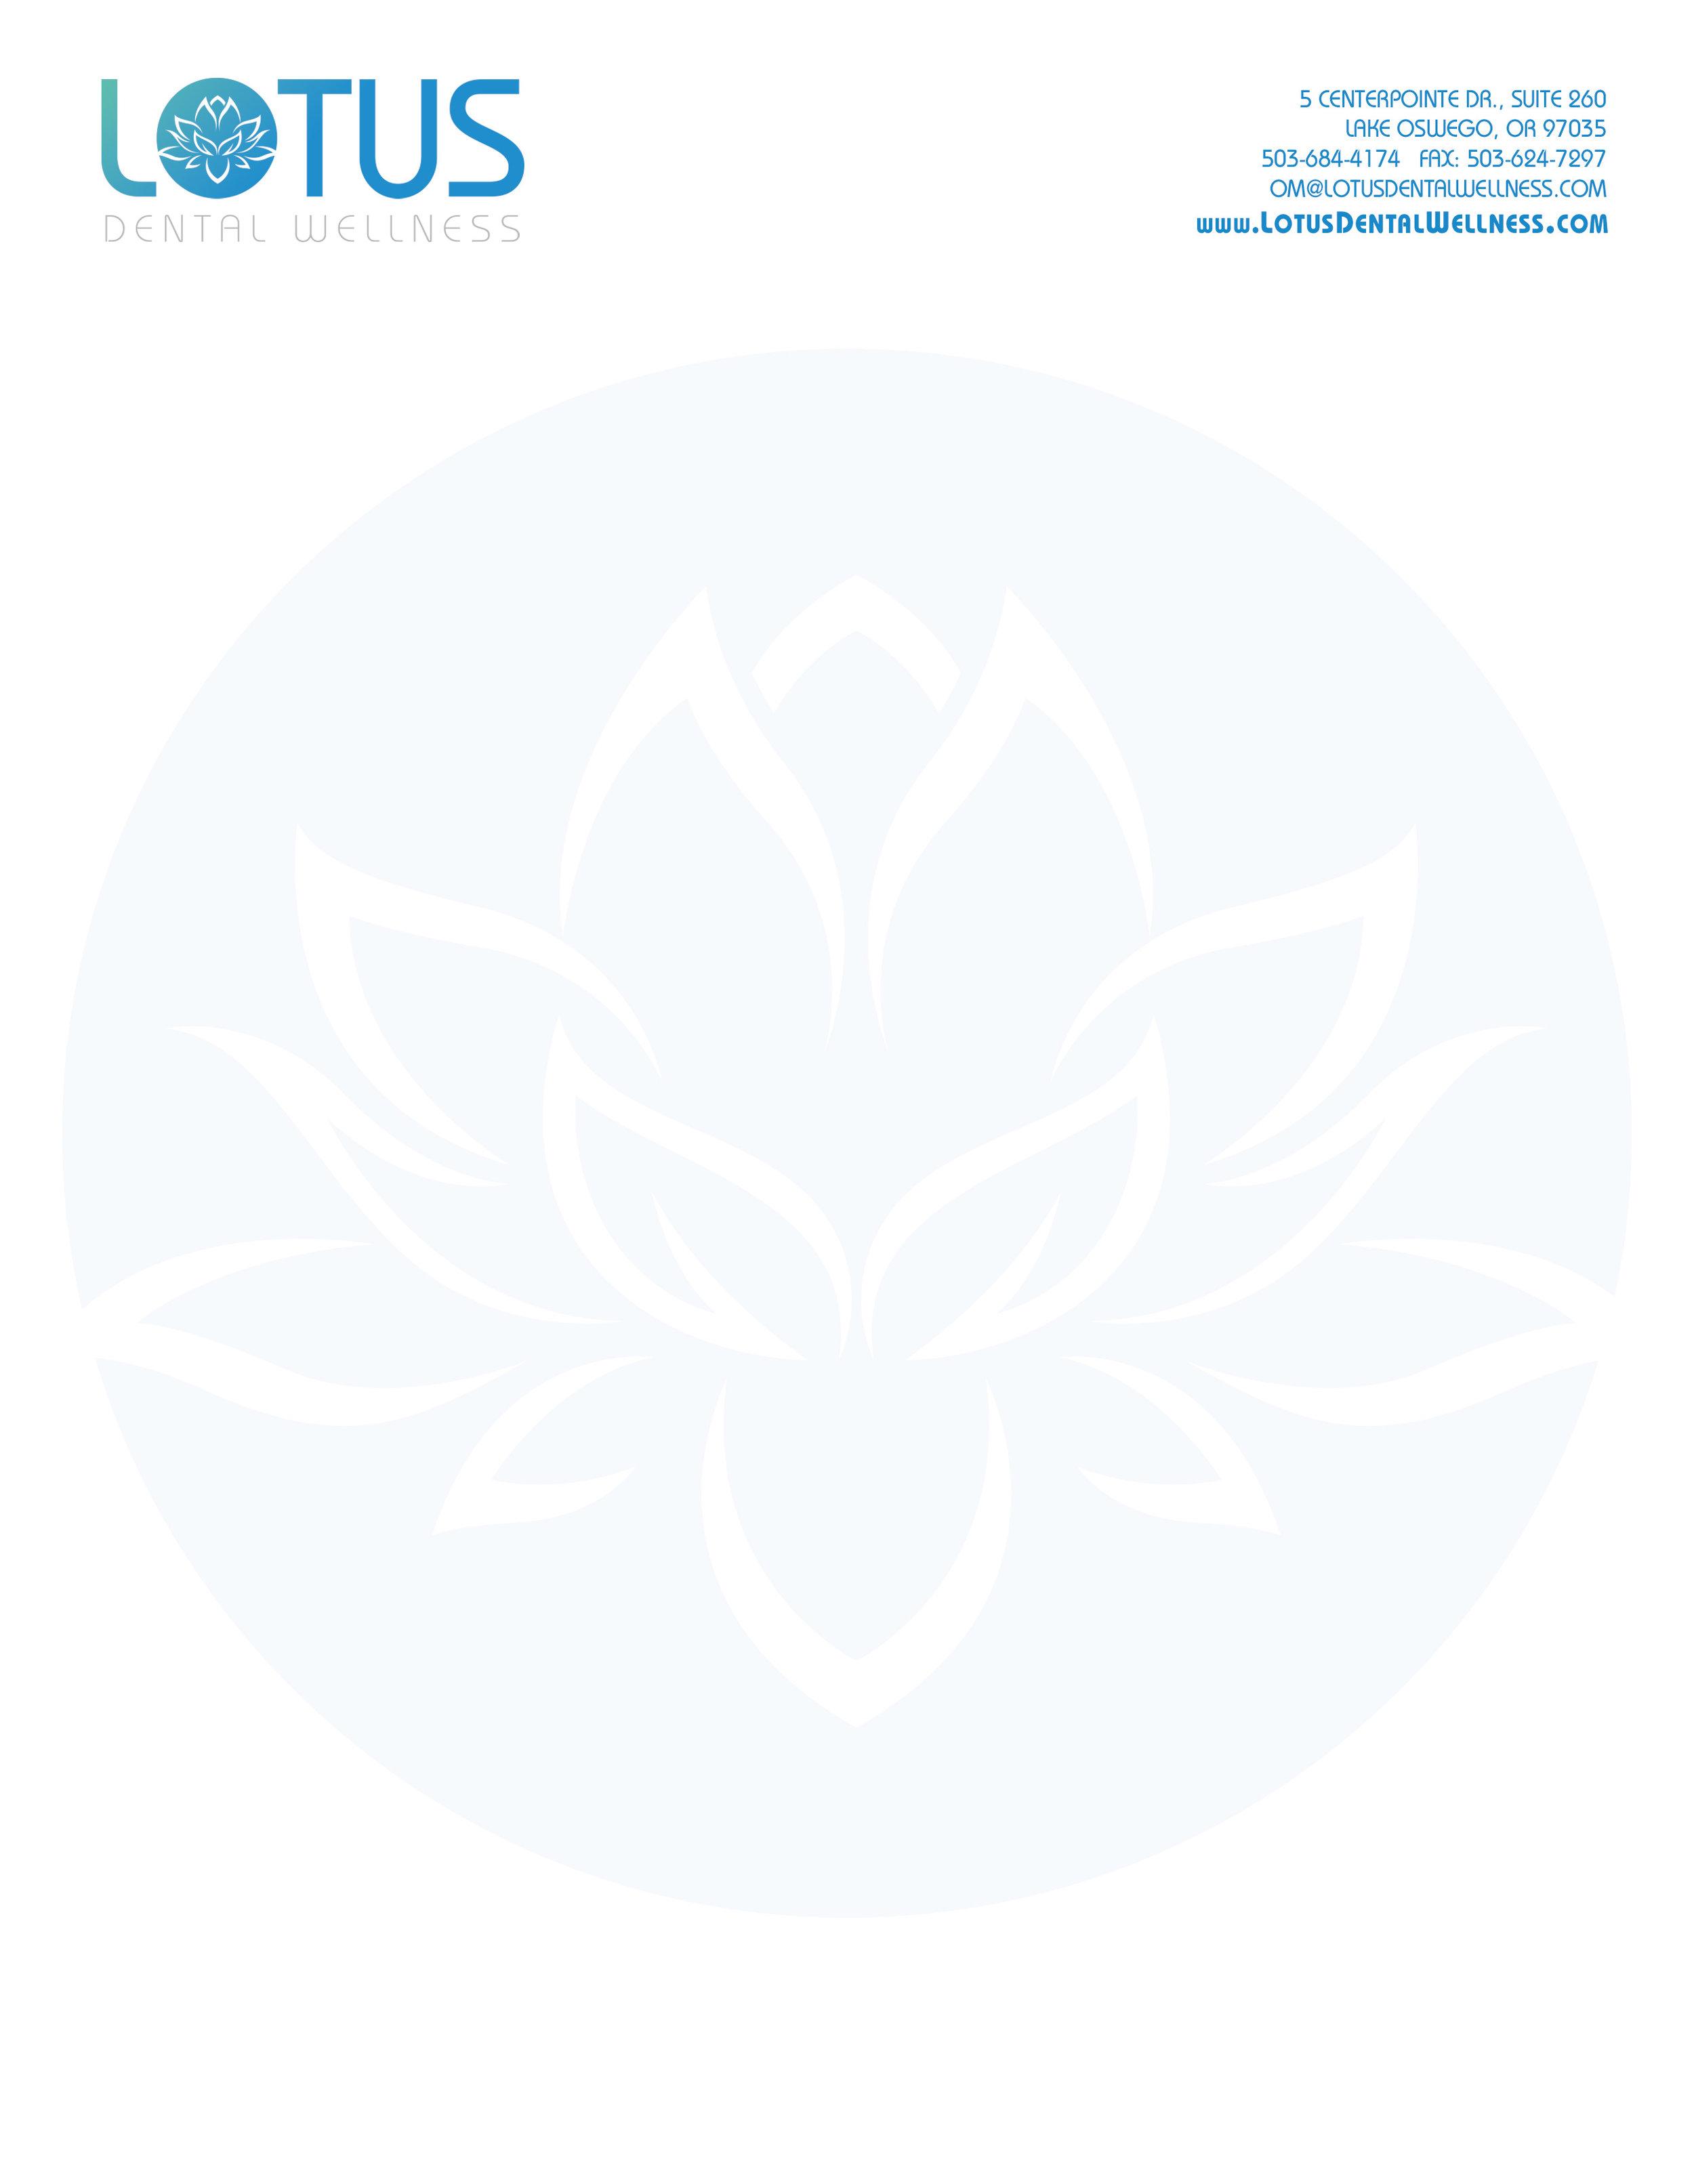 lotusletterhead-7.jpg